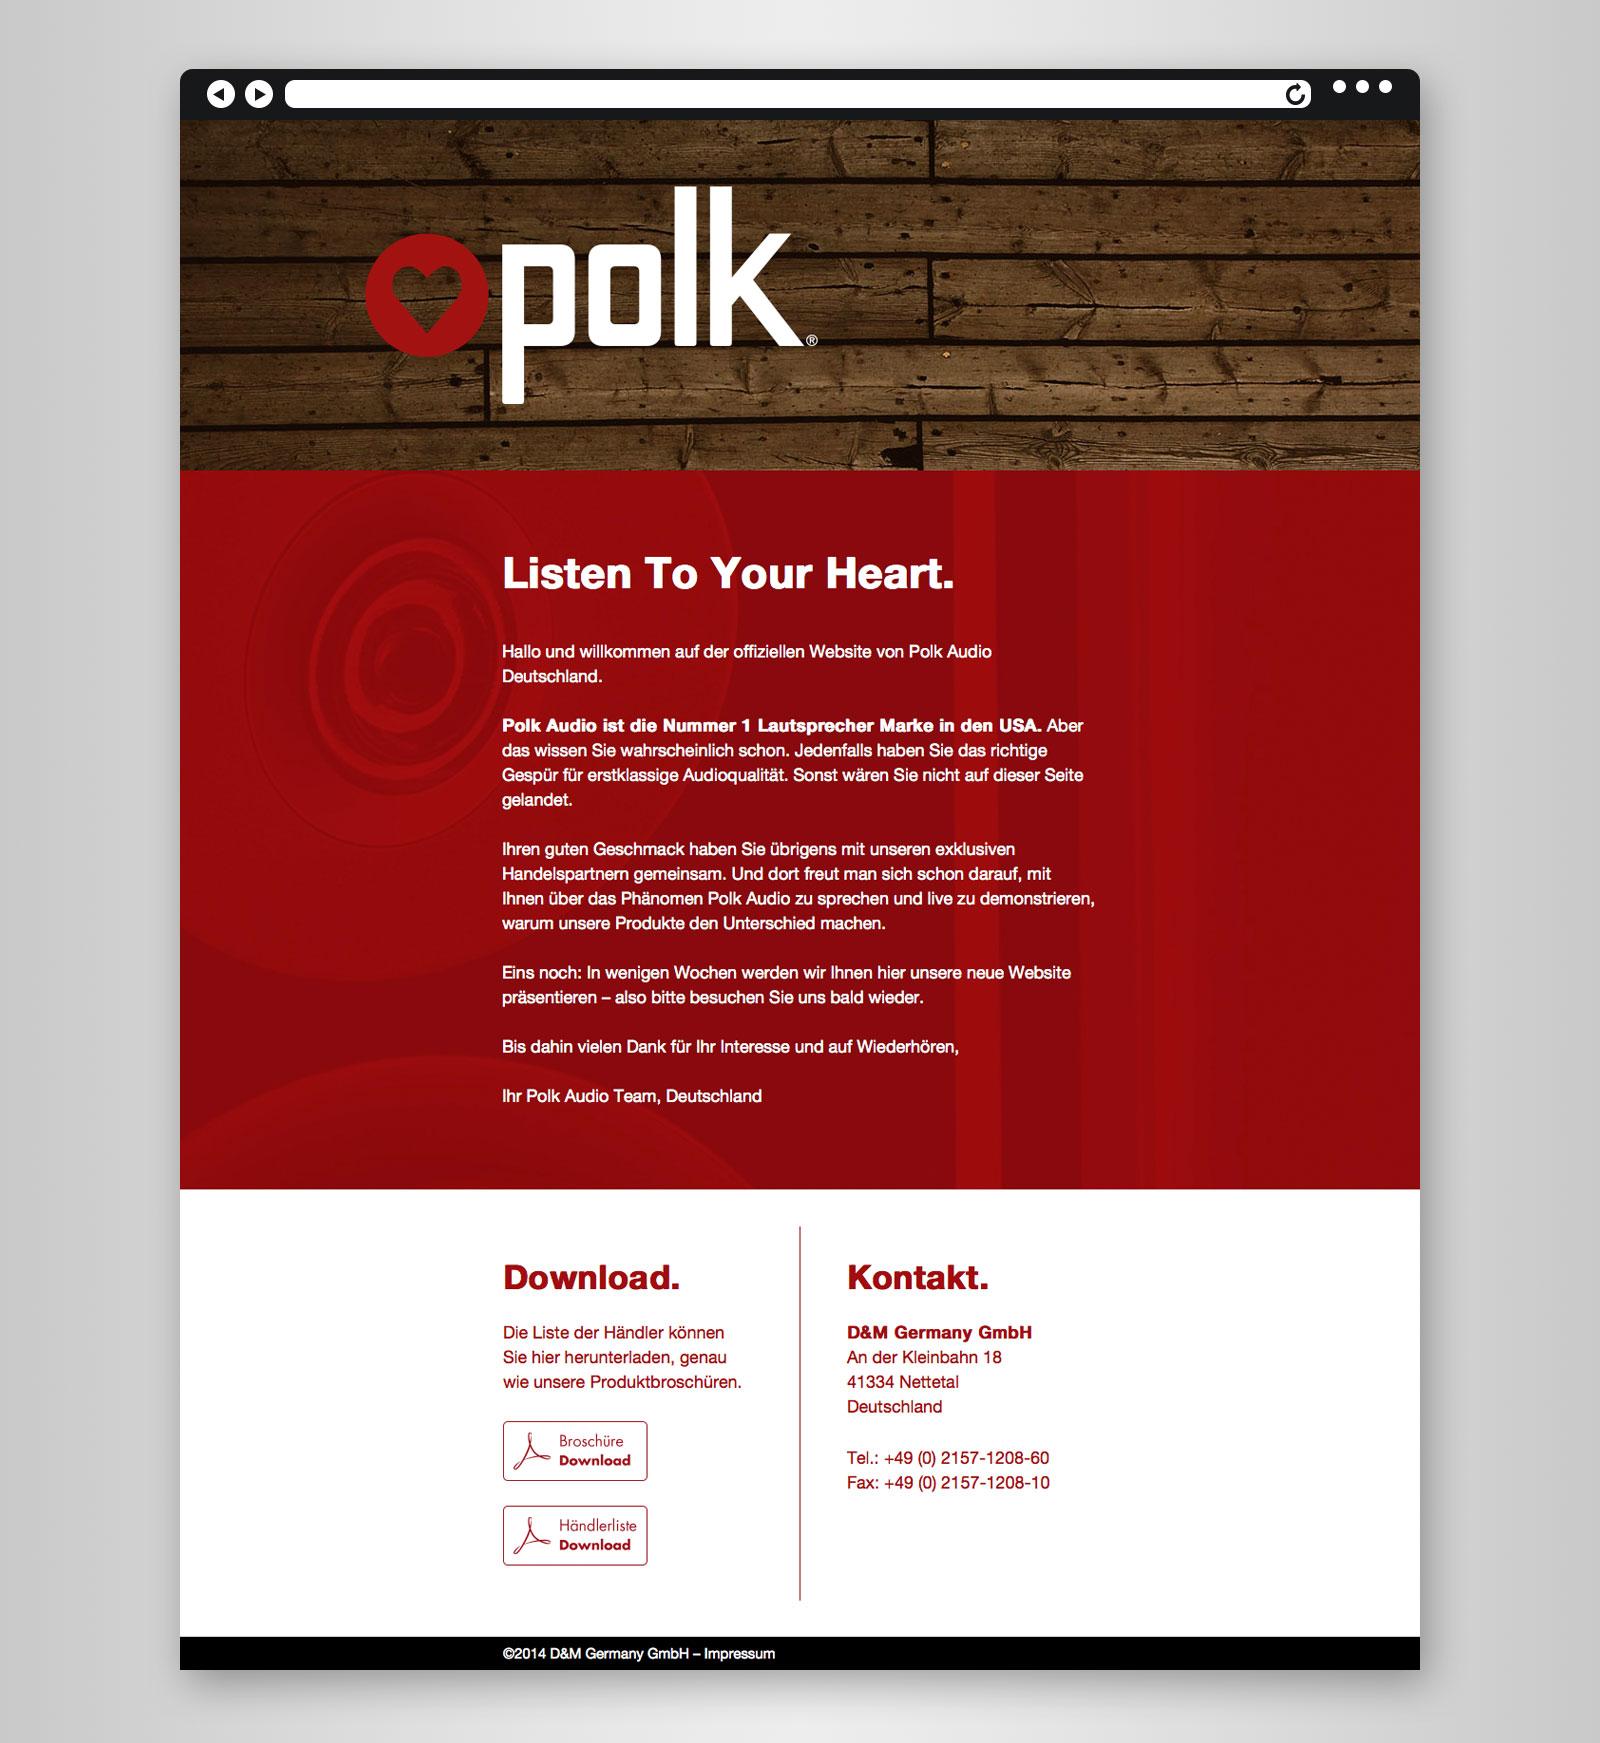 polk_website